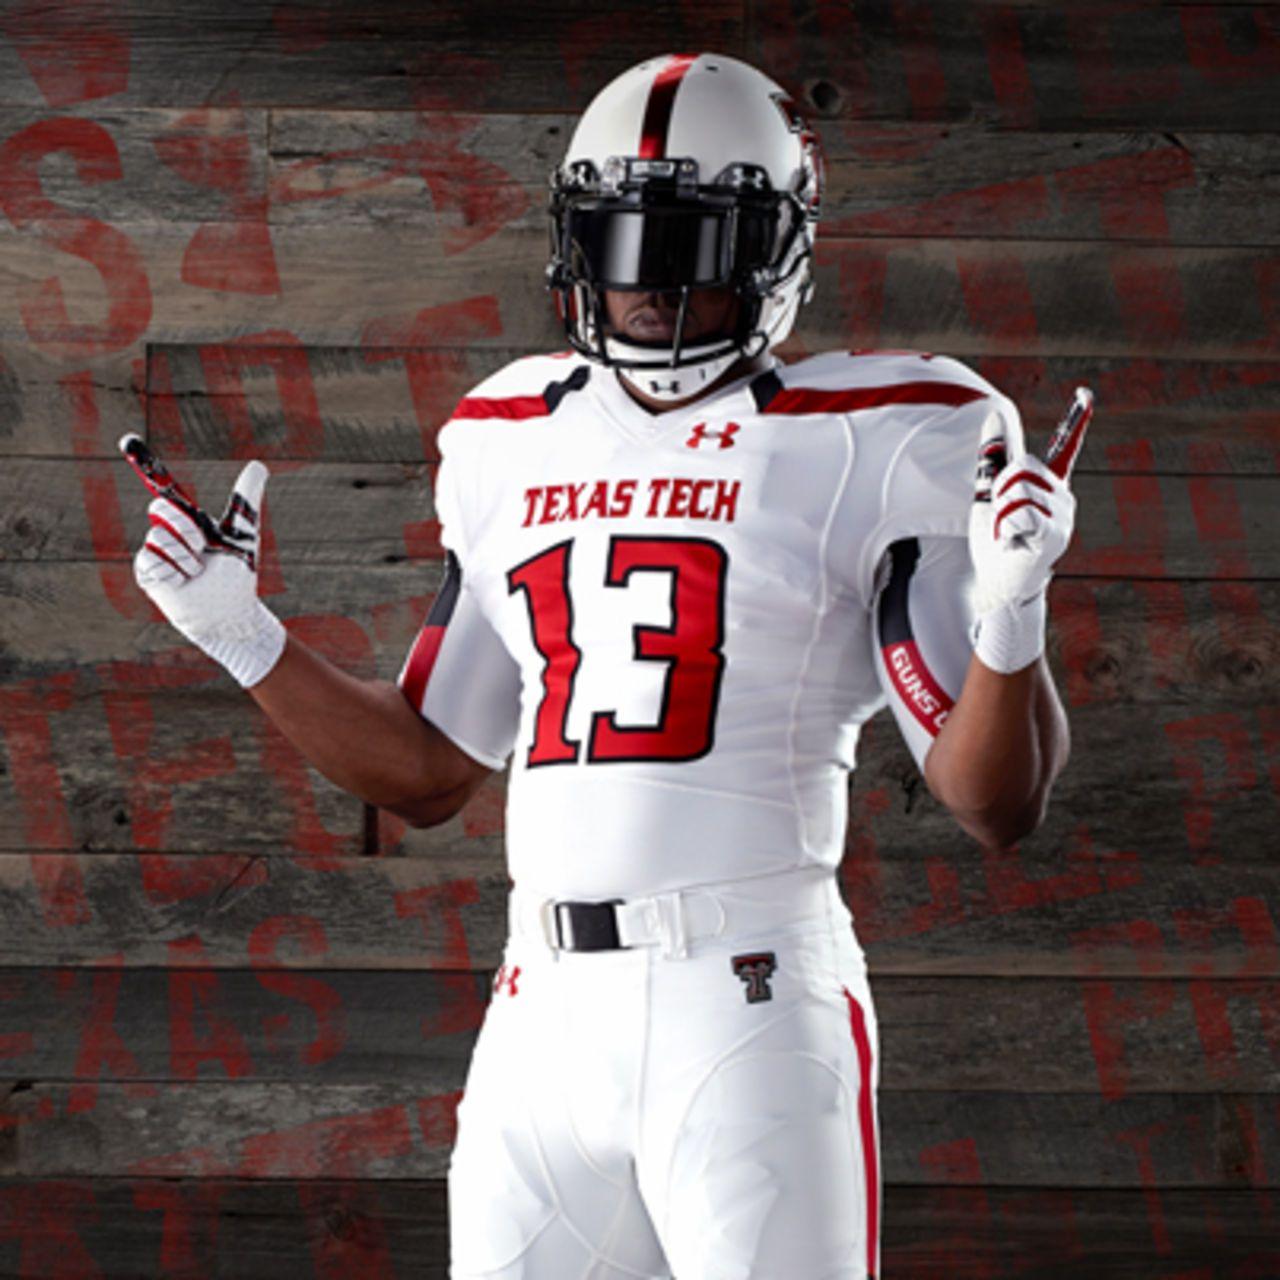 Texas Tech Football Wallpaper Texas Tech Football Texas Tech Texas Tech Red Raiders